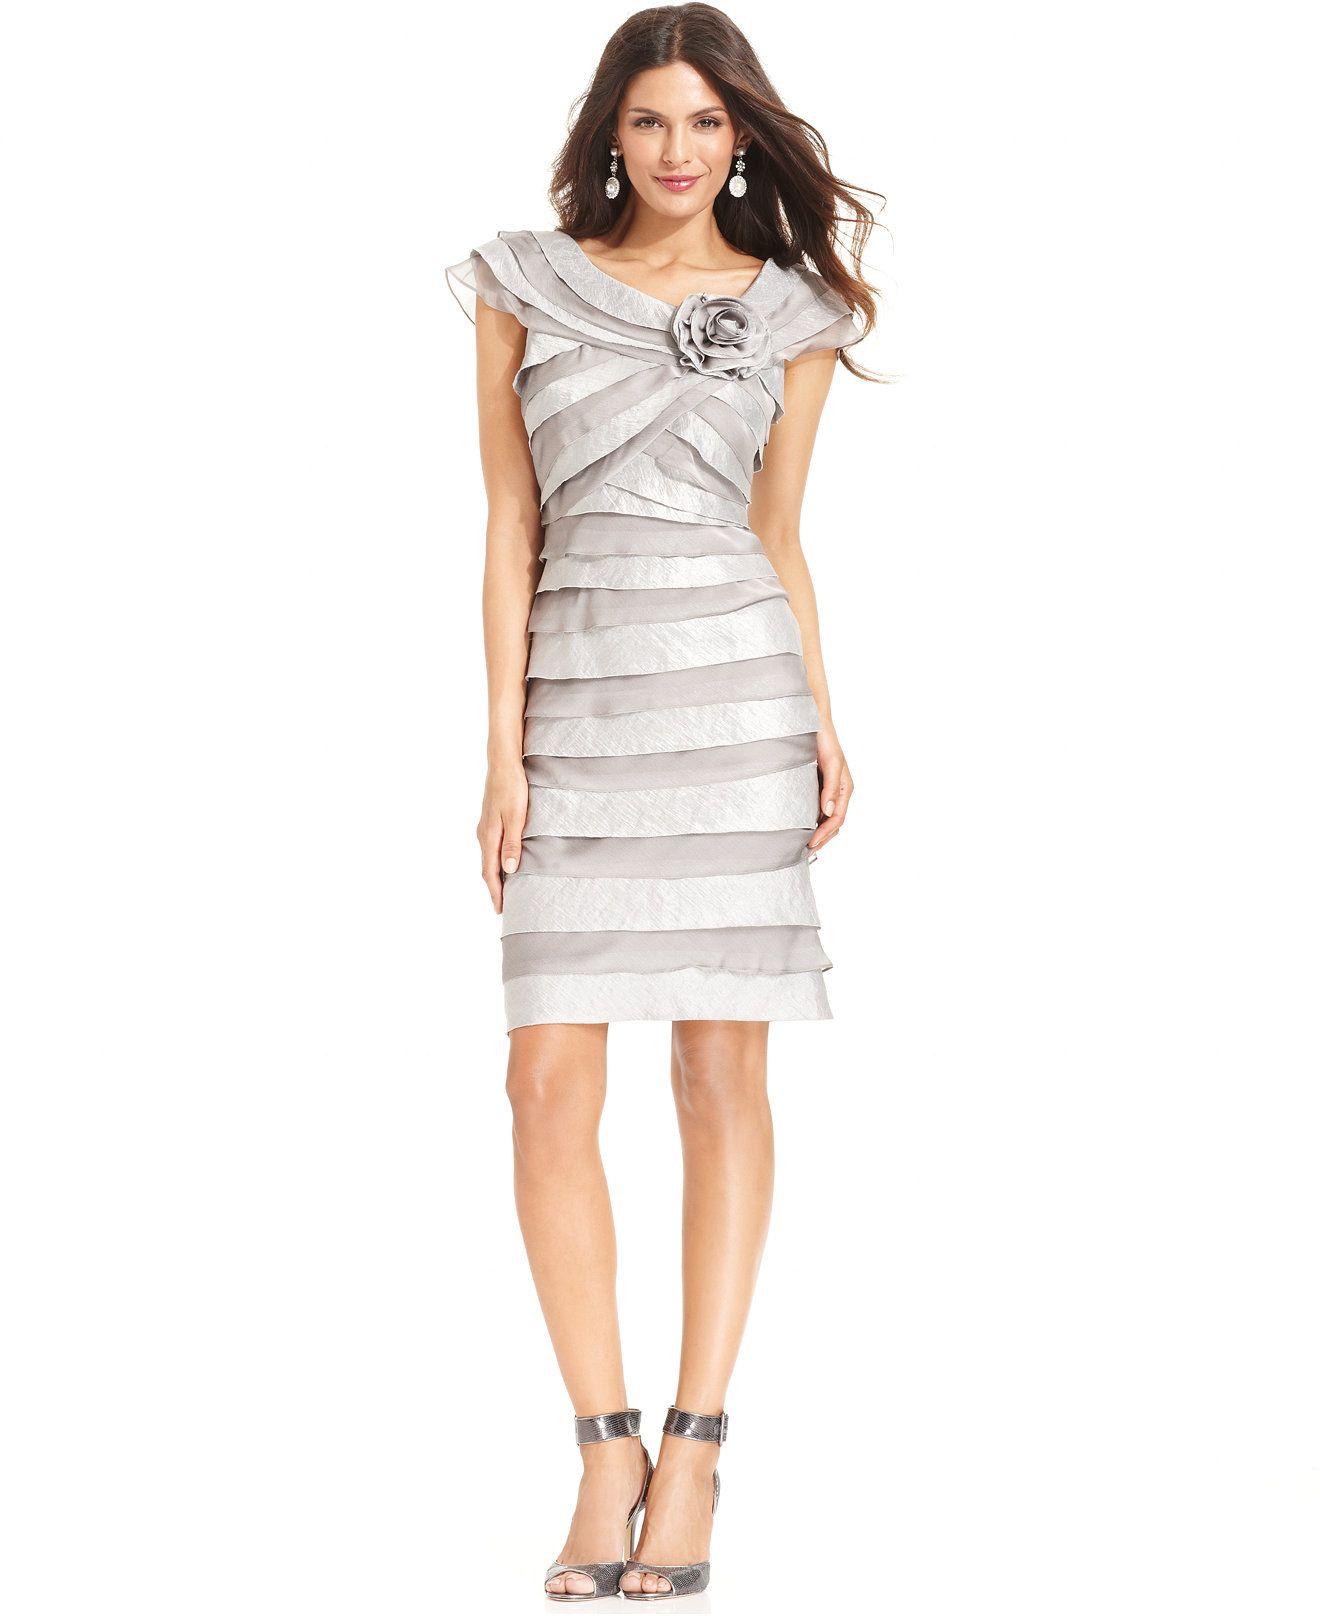 Macys womens dresses wedding  London Times CapSleeve Tiered Rosette Dress  Dresses  Women